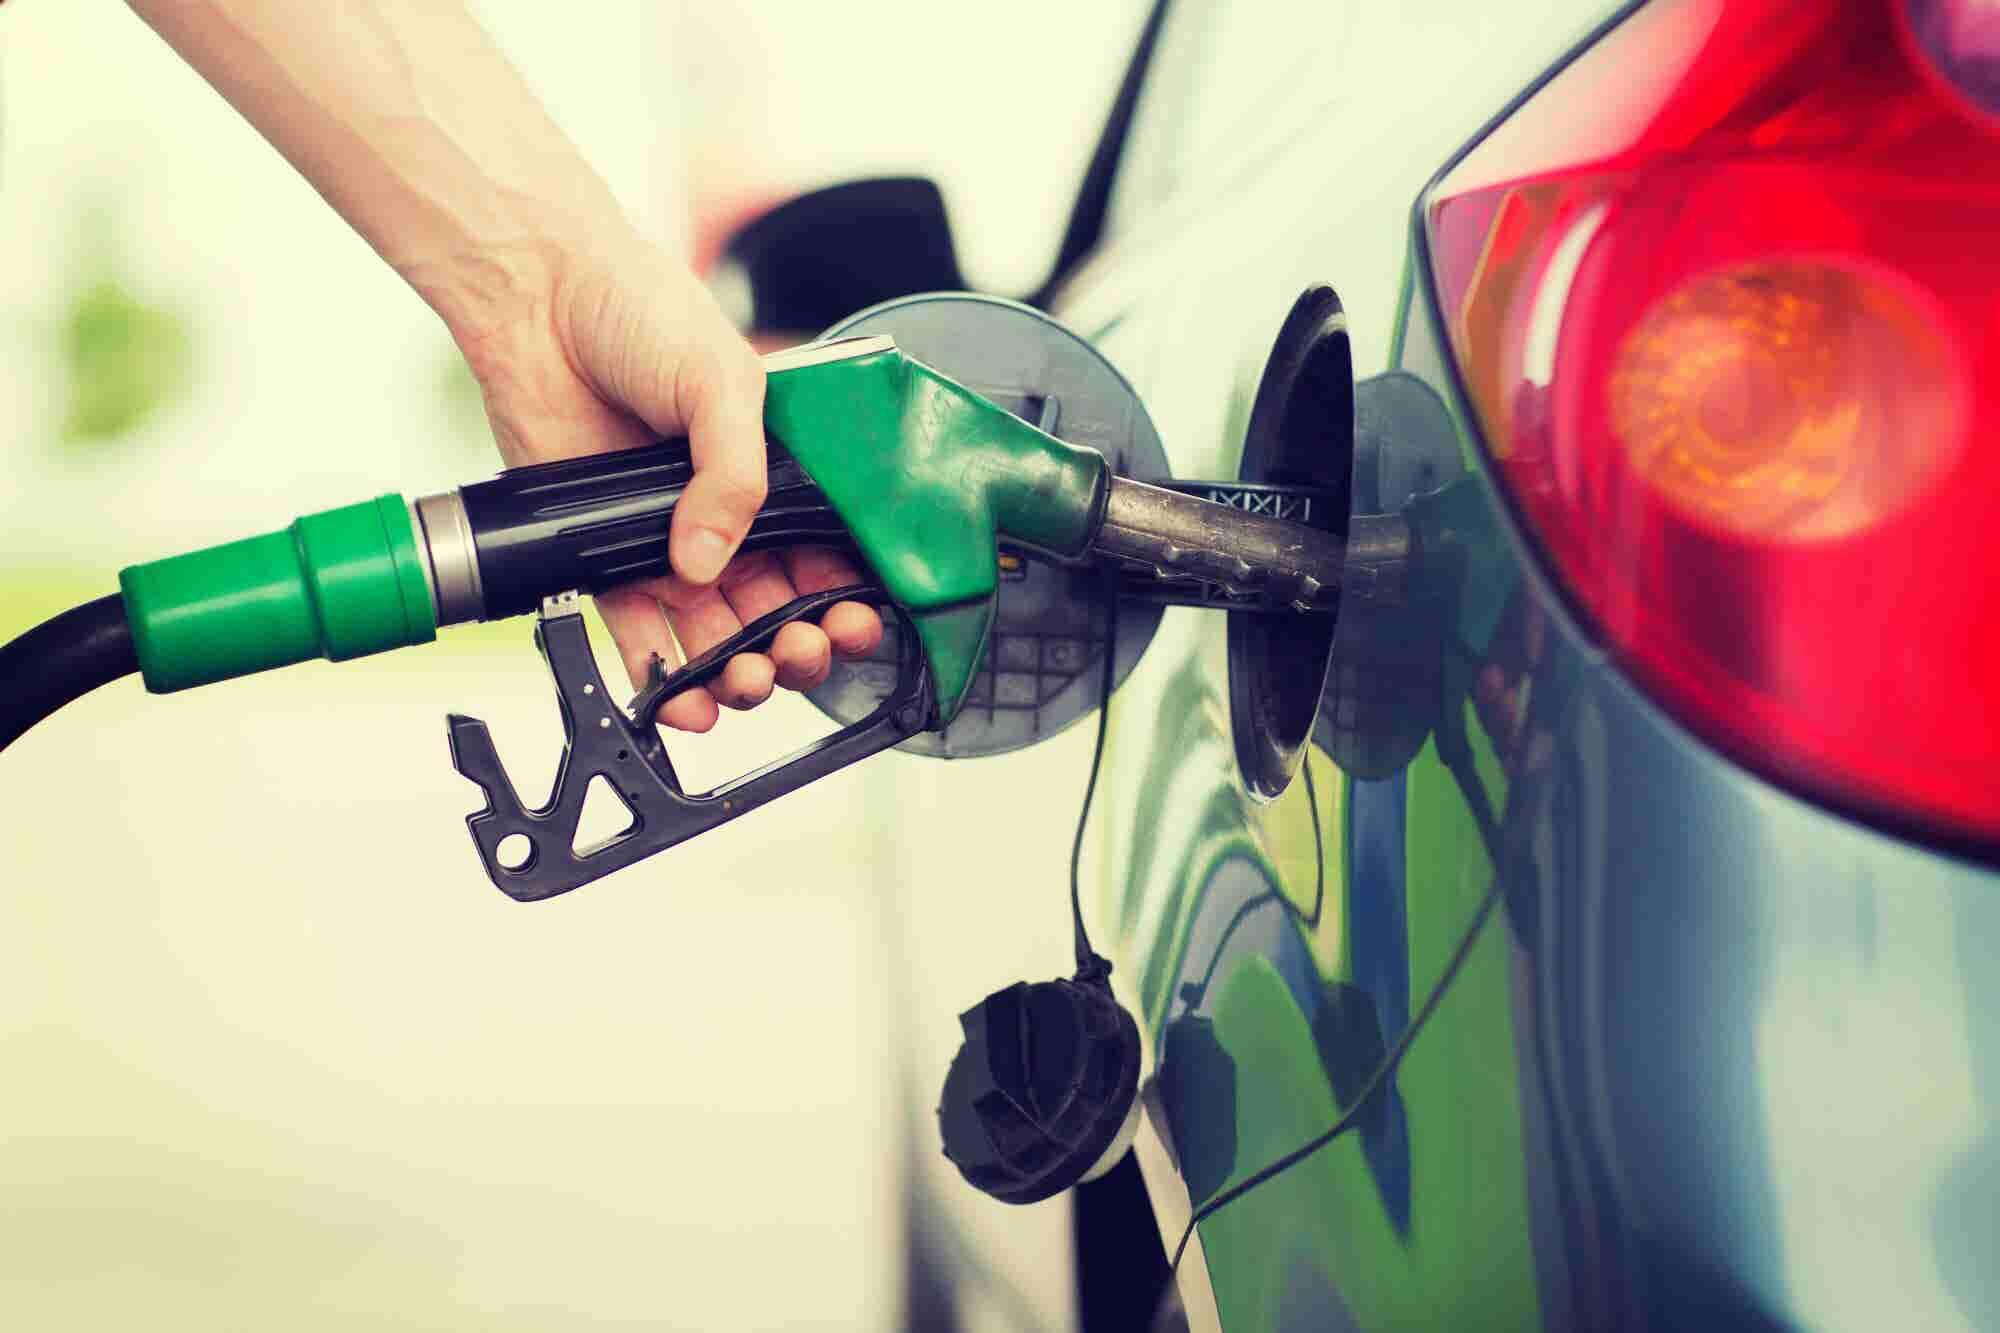 Mala semana para llenar el tanque: Hacienda retira el estímulo fiscal a las gasolinas